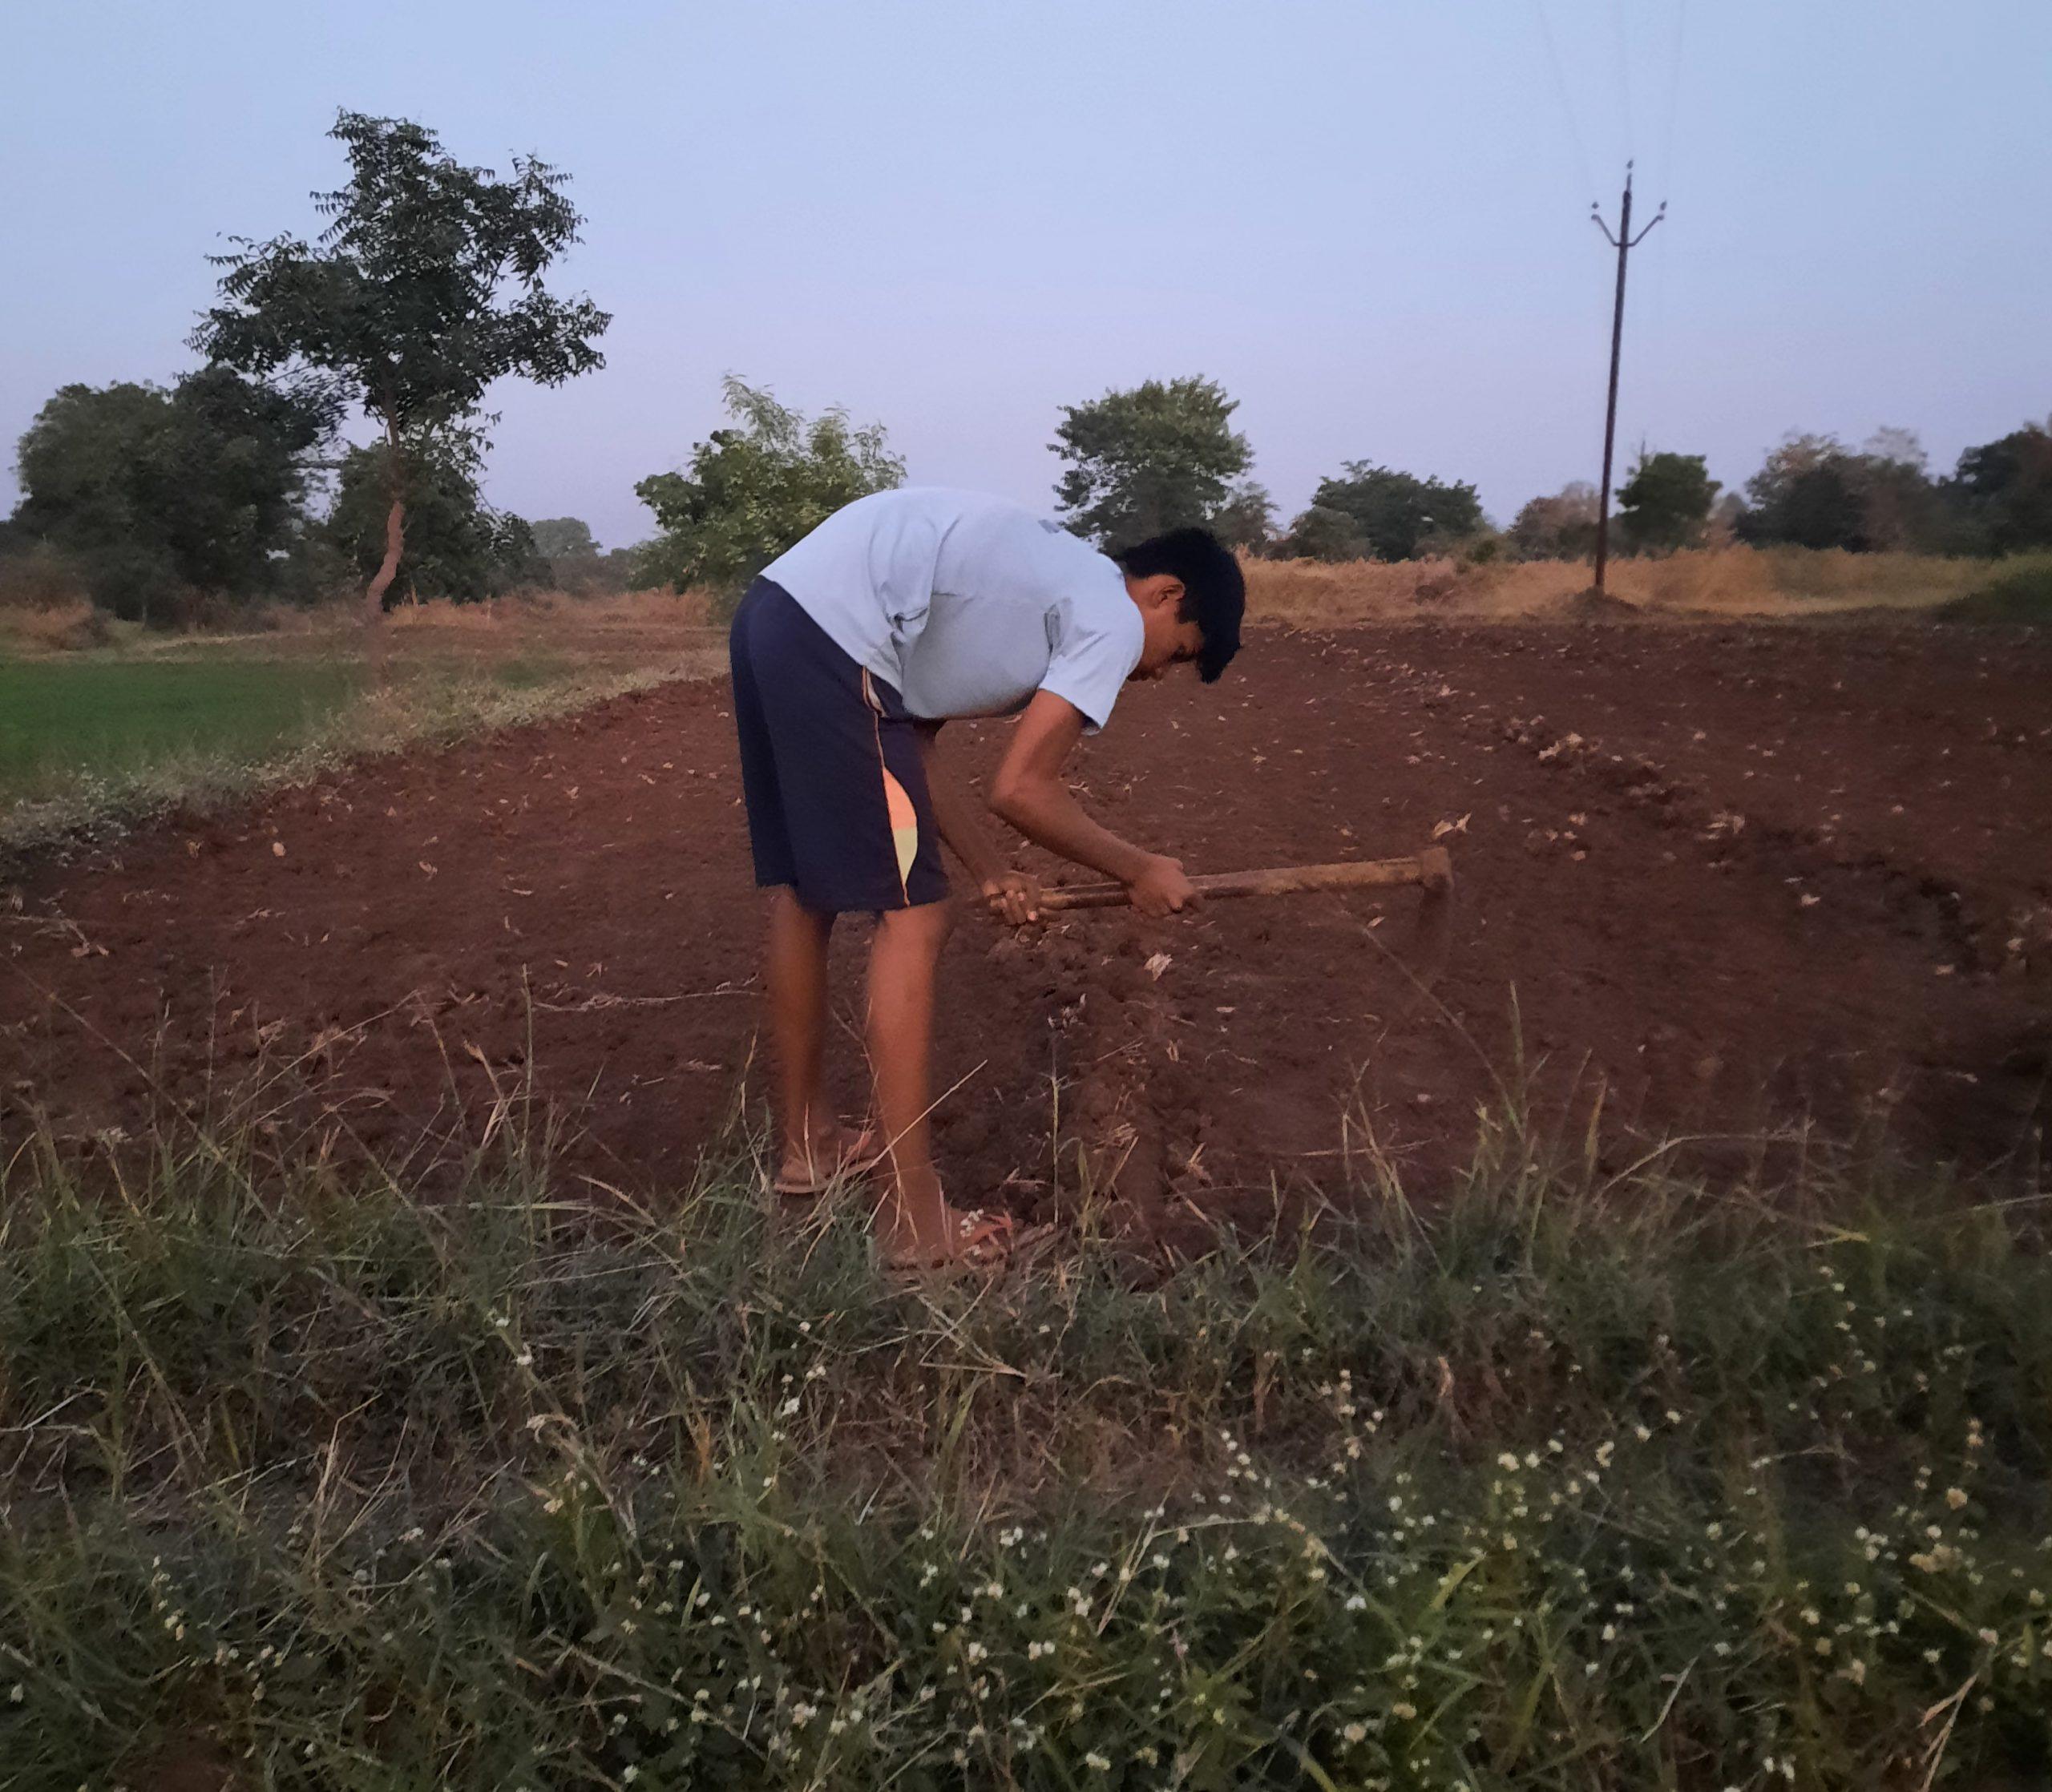 A boy working in a field